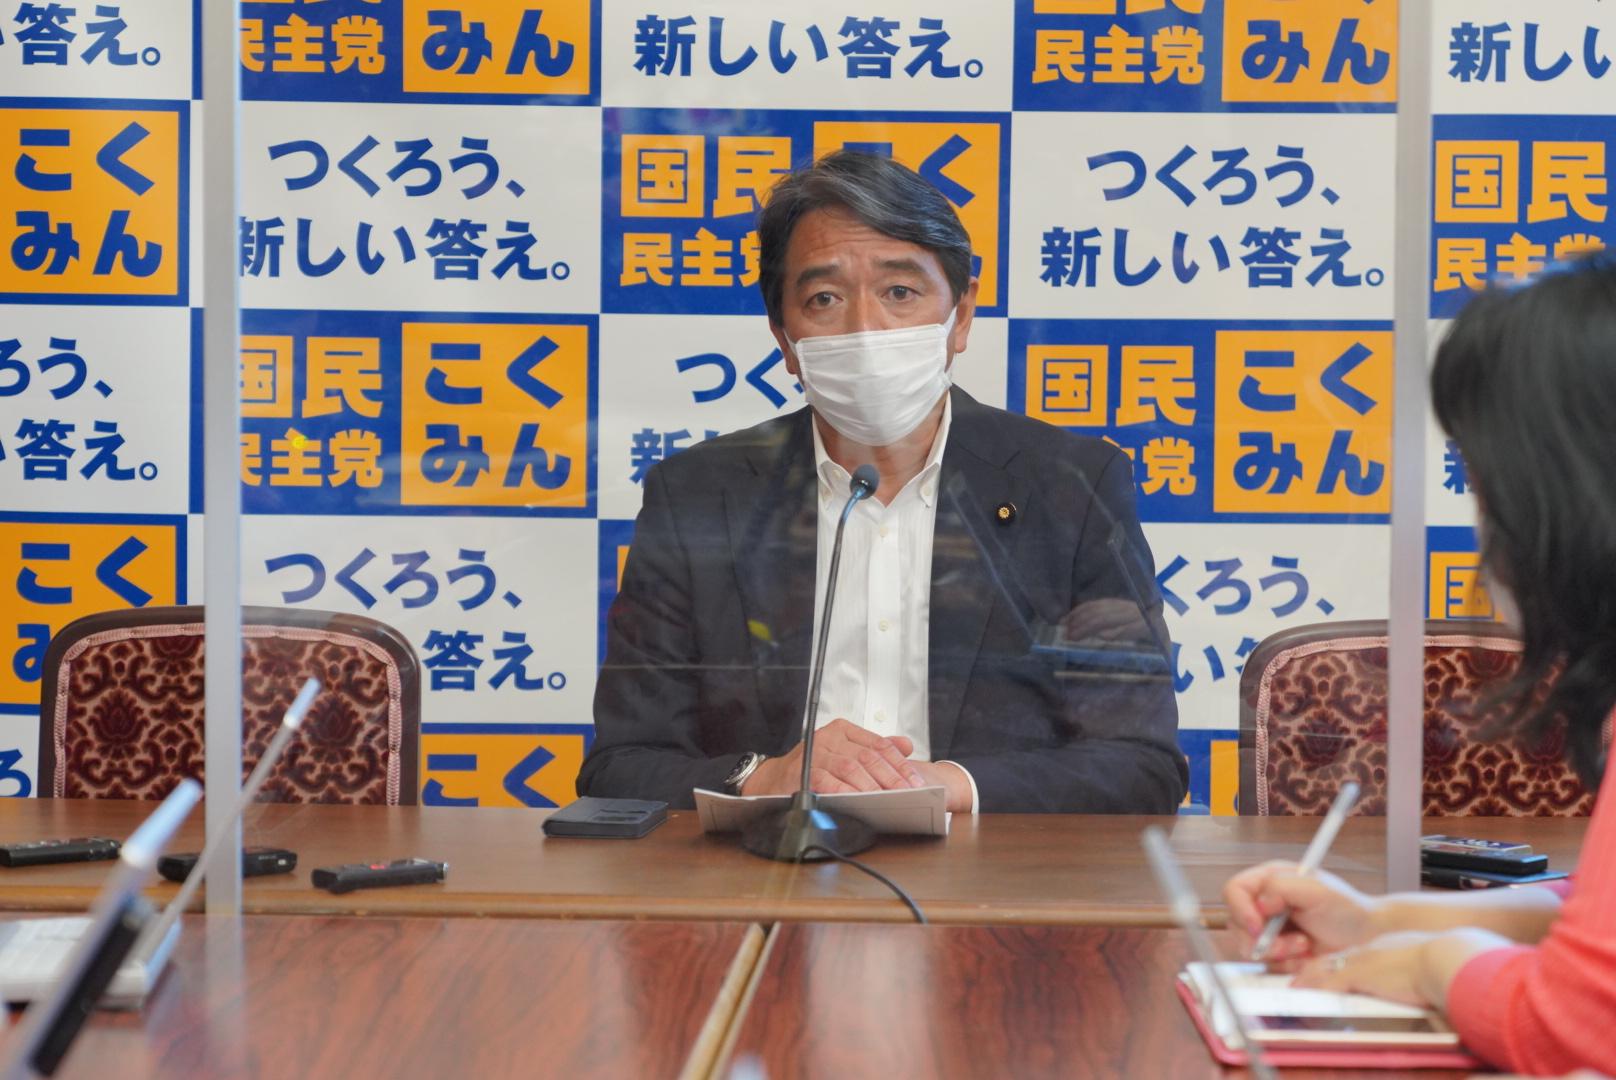 国民民主党 幹事長定例会見(2021年8月4日)